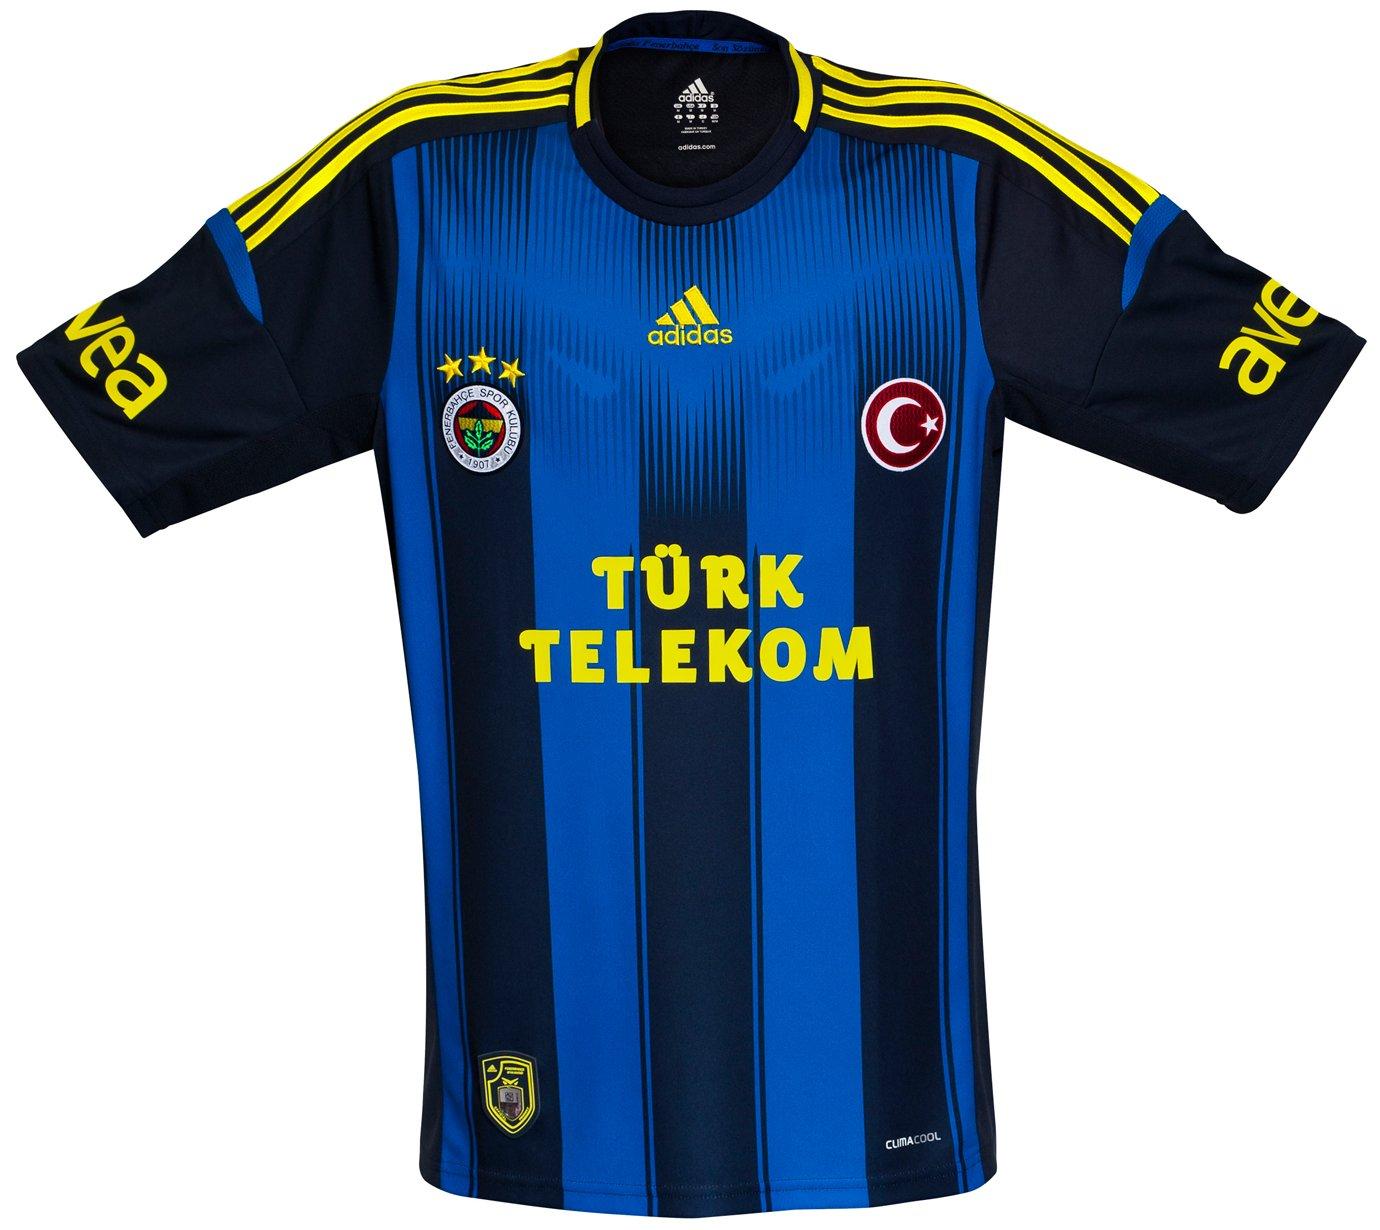 a19db519b A Classic Football Shirts possui a maior coleção de camisas internacionais  de futebol. A loja faz entregas no mundo todo e usando o cupom